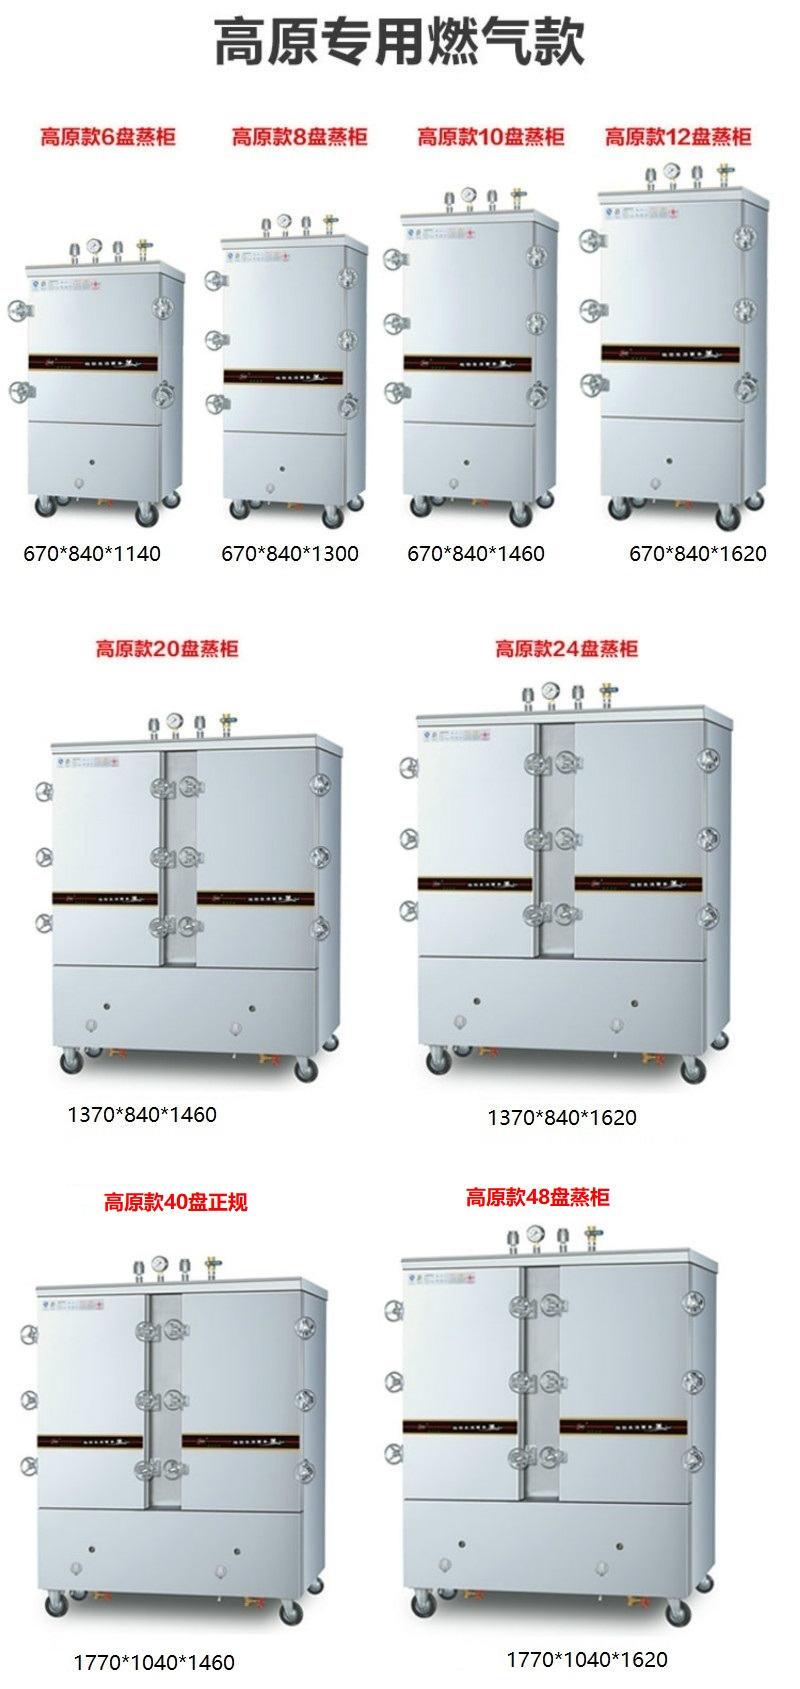 高原蒸饭柜类型